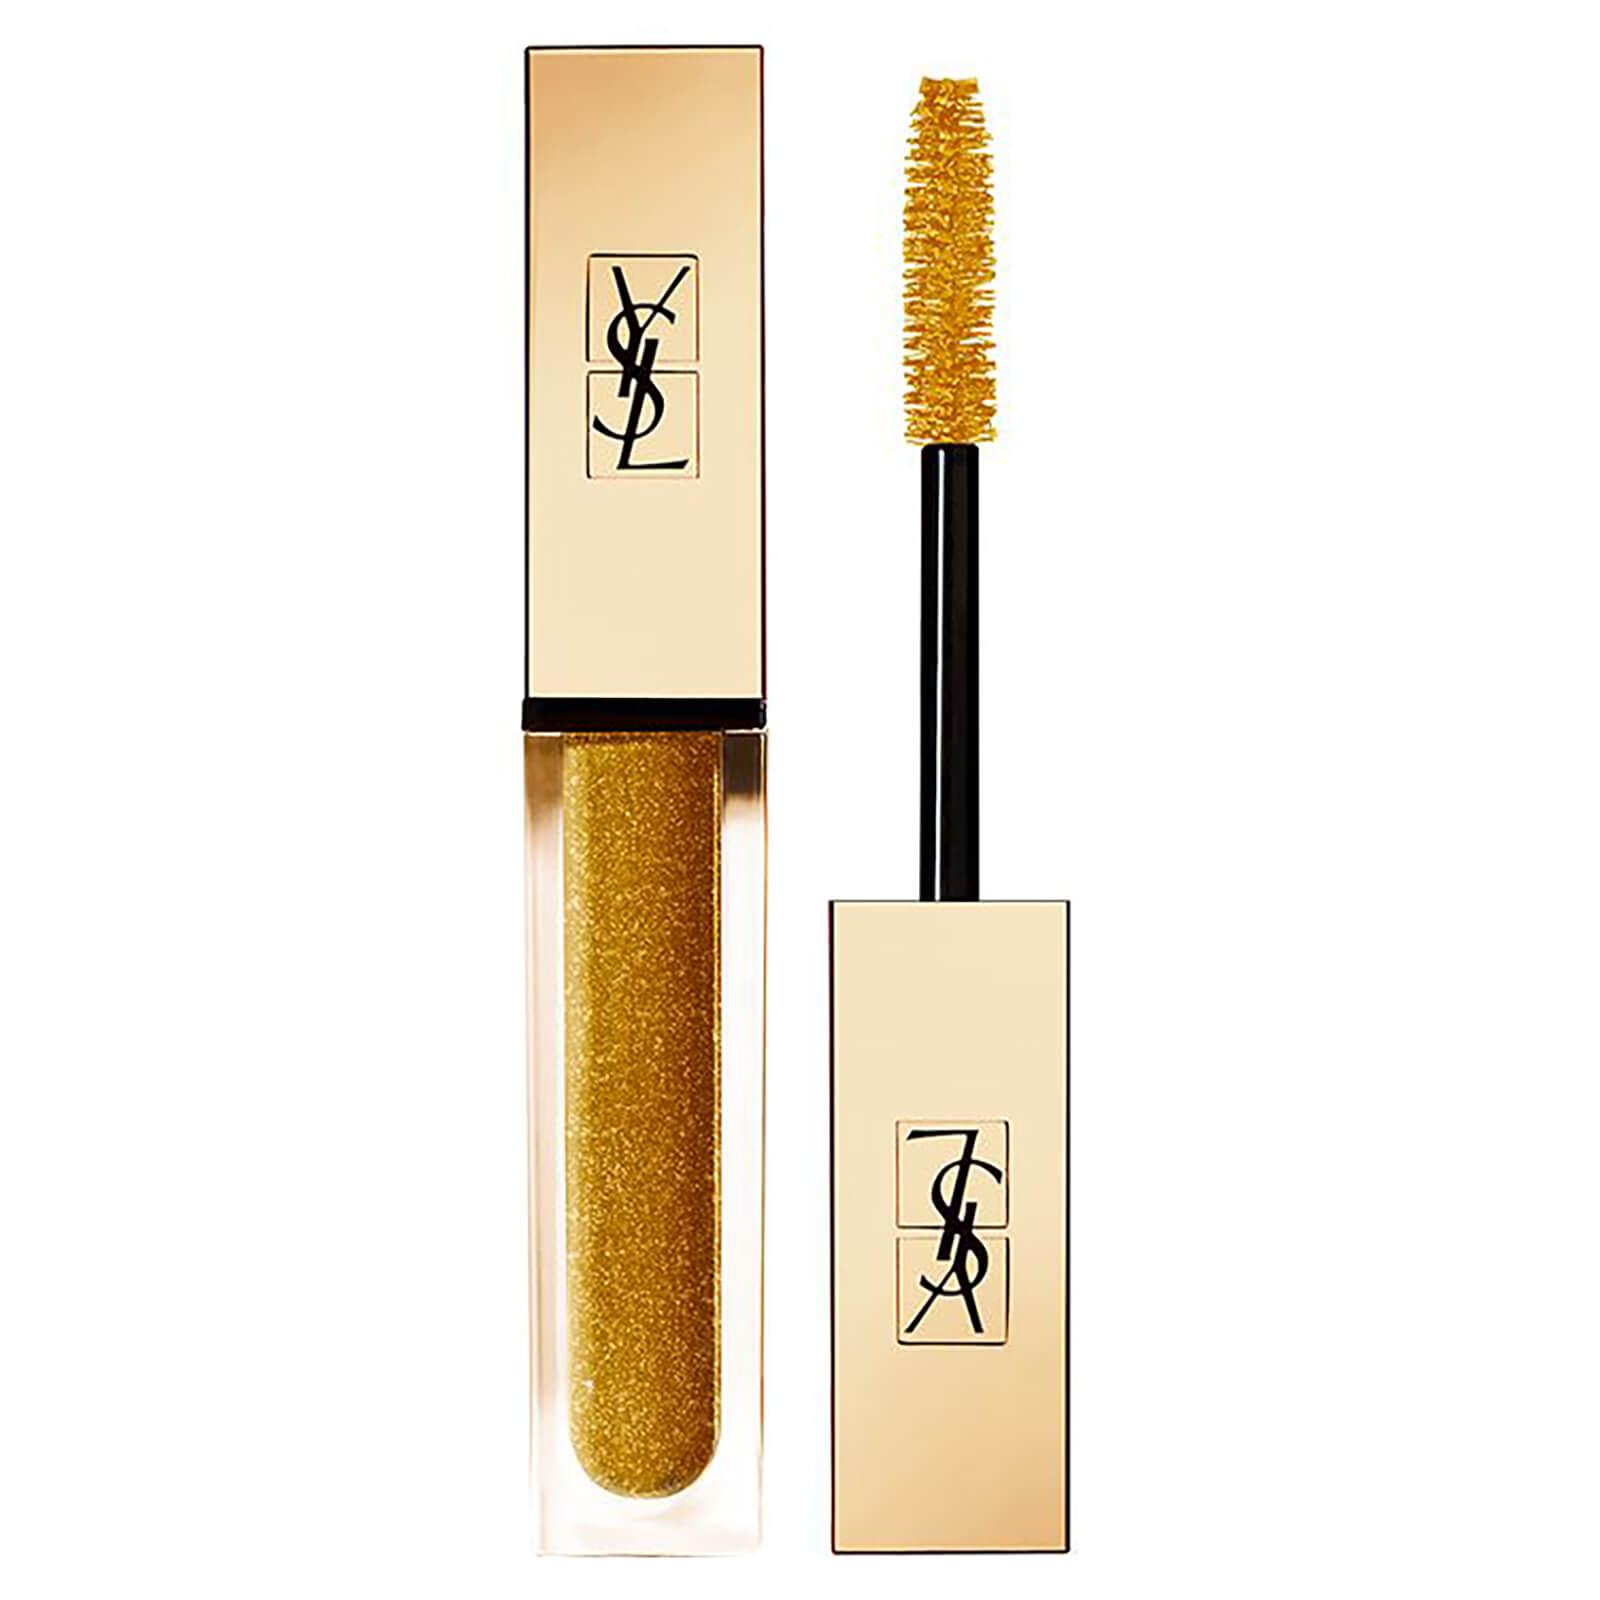 YSL Mascara Vinyl Couture Yves Saint Laurent (plusieurs teintes disponibles) - 8